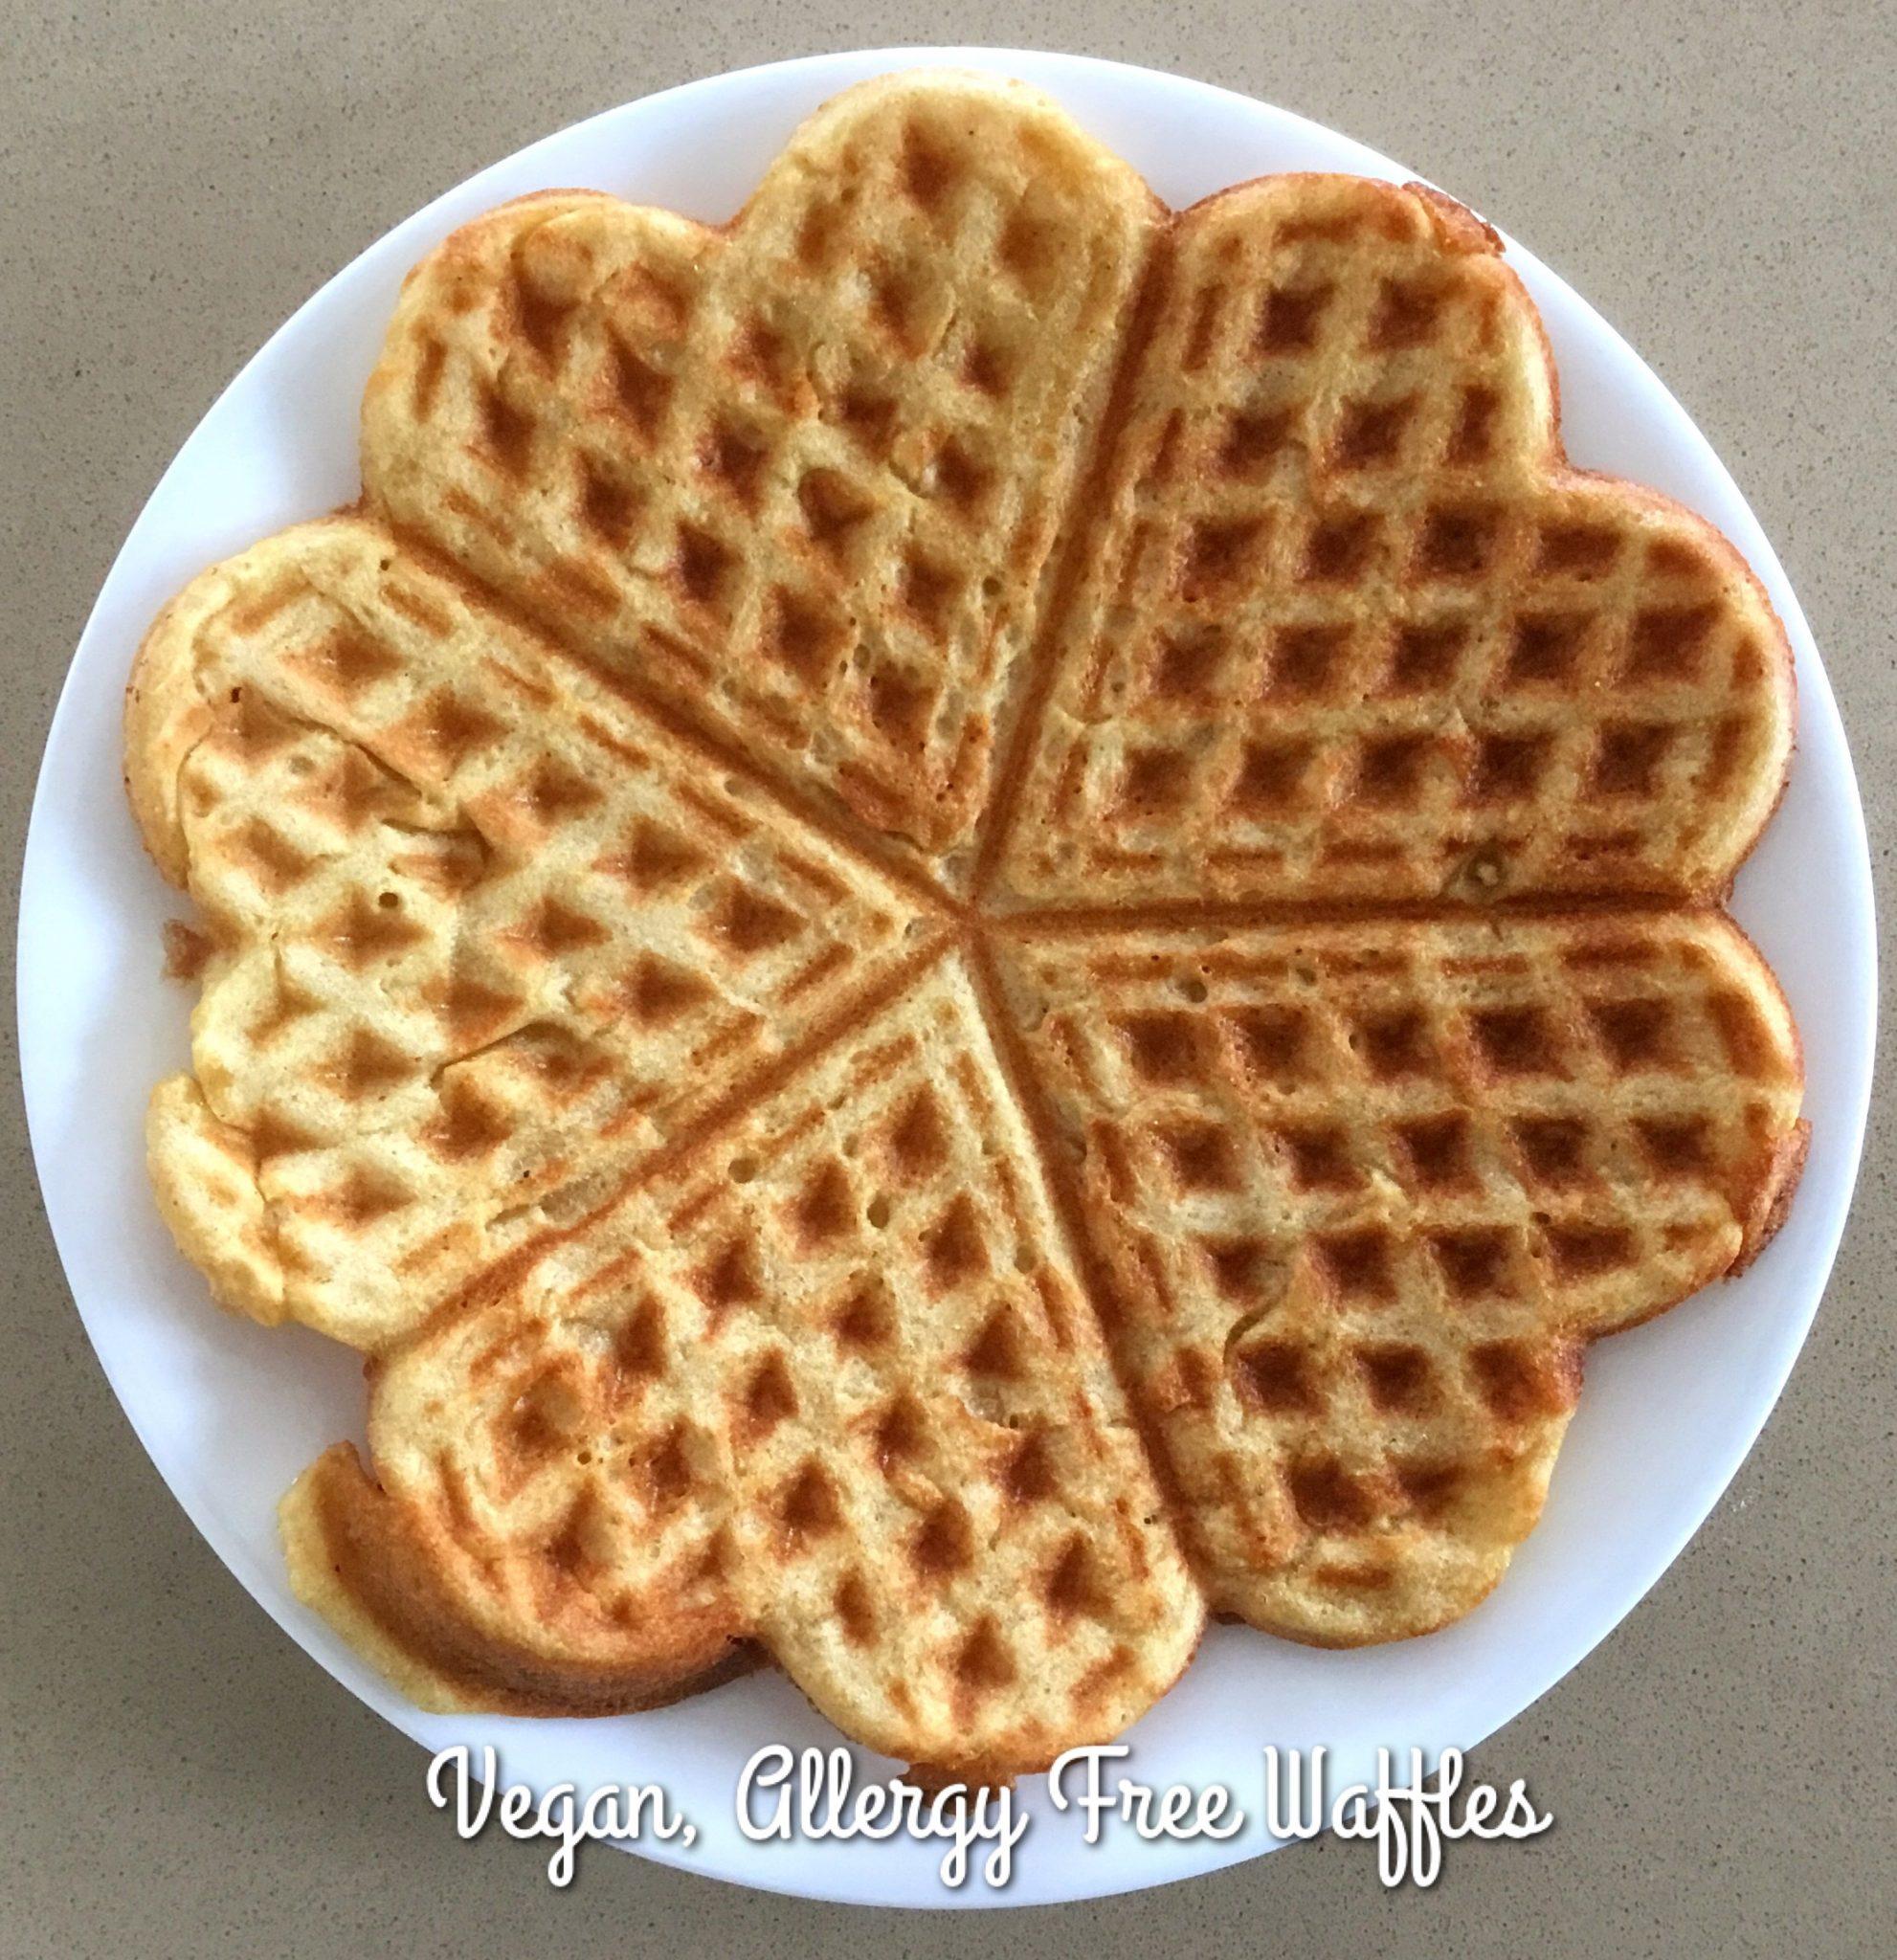 Gluten & Sugar Free Waffles